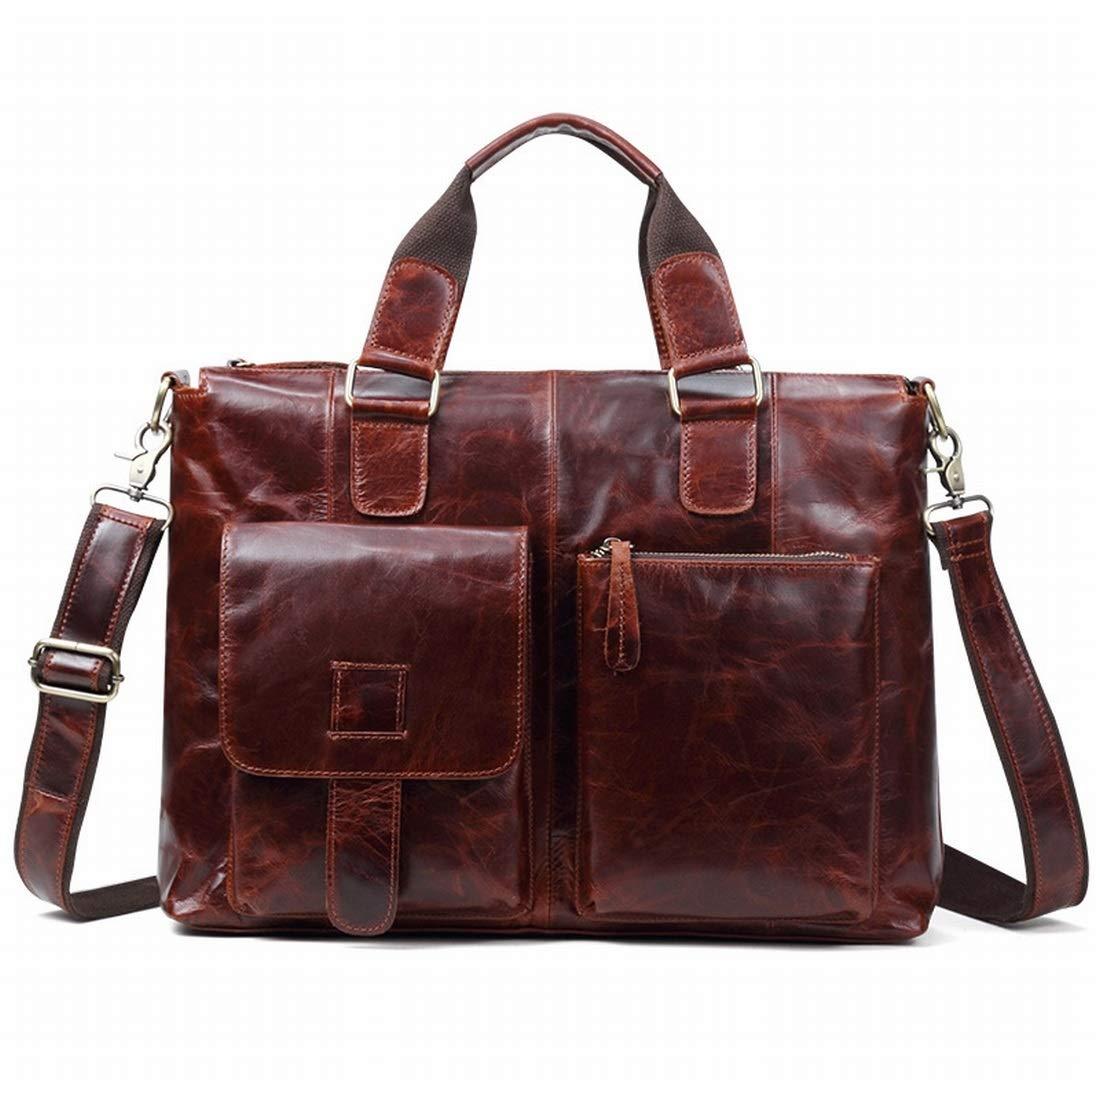 Souliyan Vintage Briefcase Business Handbag Horse Leather Shoulder Bag Messenger Bag Satchel Bag Color : 1